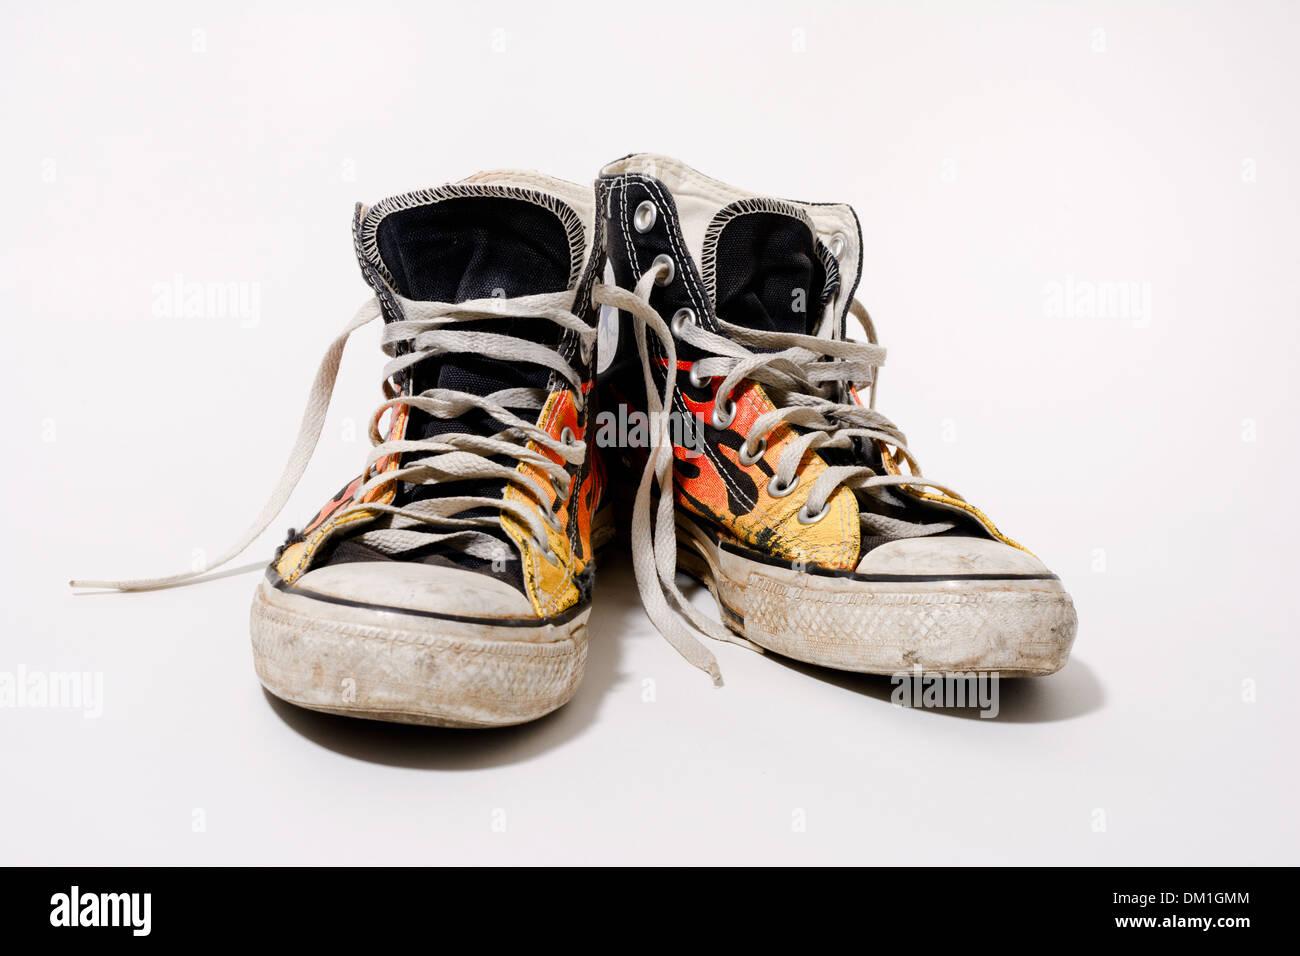 Logoro e sporco Converse All Star scarpe isolati su sfondo bianco Immagini  Stock 4581560c336